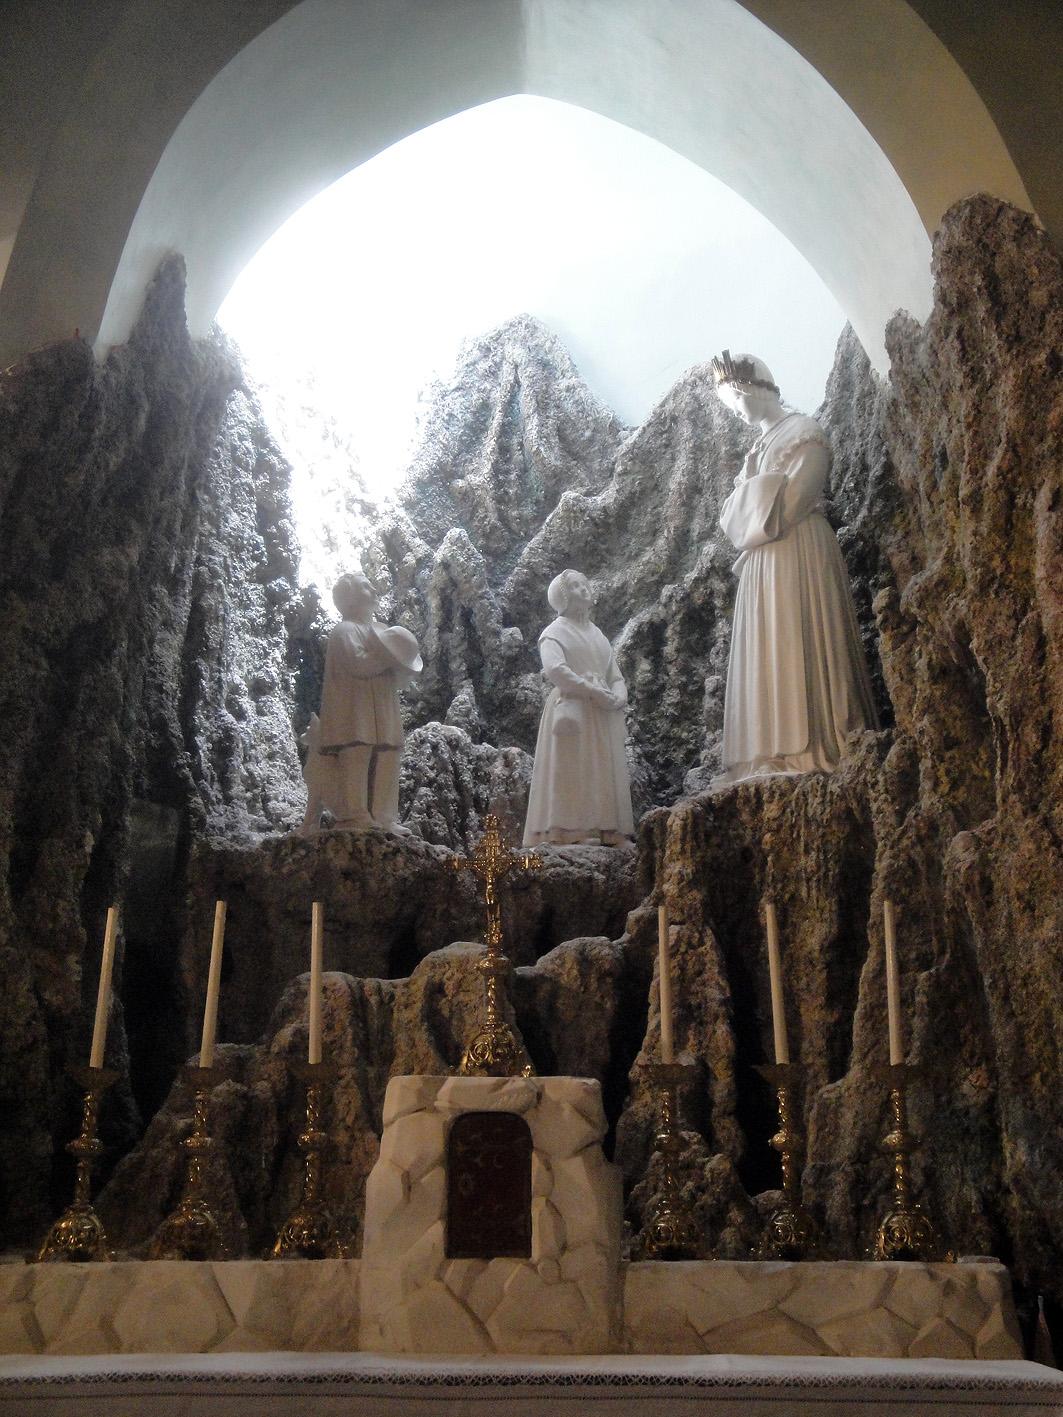 02.07.2013 La imaginació fantasia amb la que s'escenifica l'aparició de la Verge de Lourdes.  Muret -  Jordi Bibià